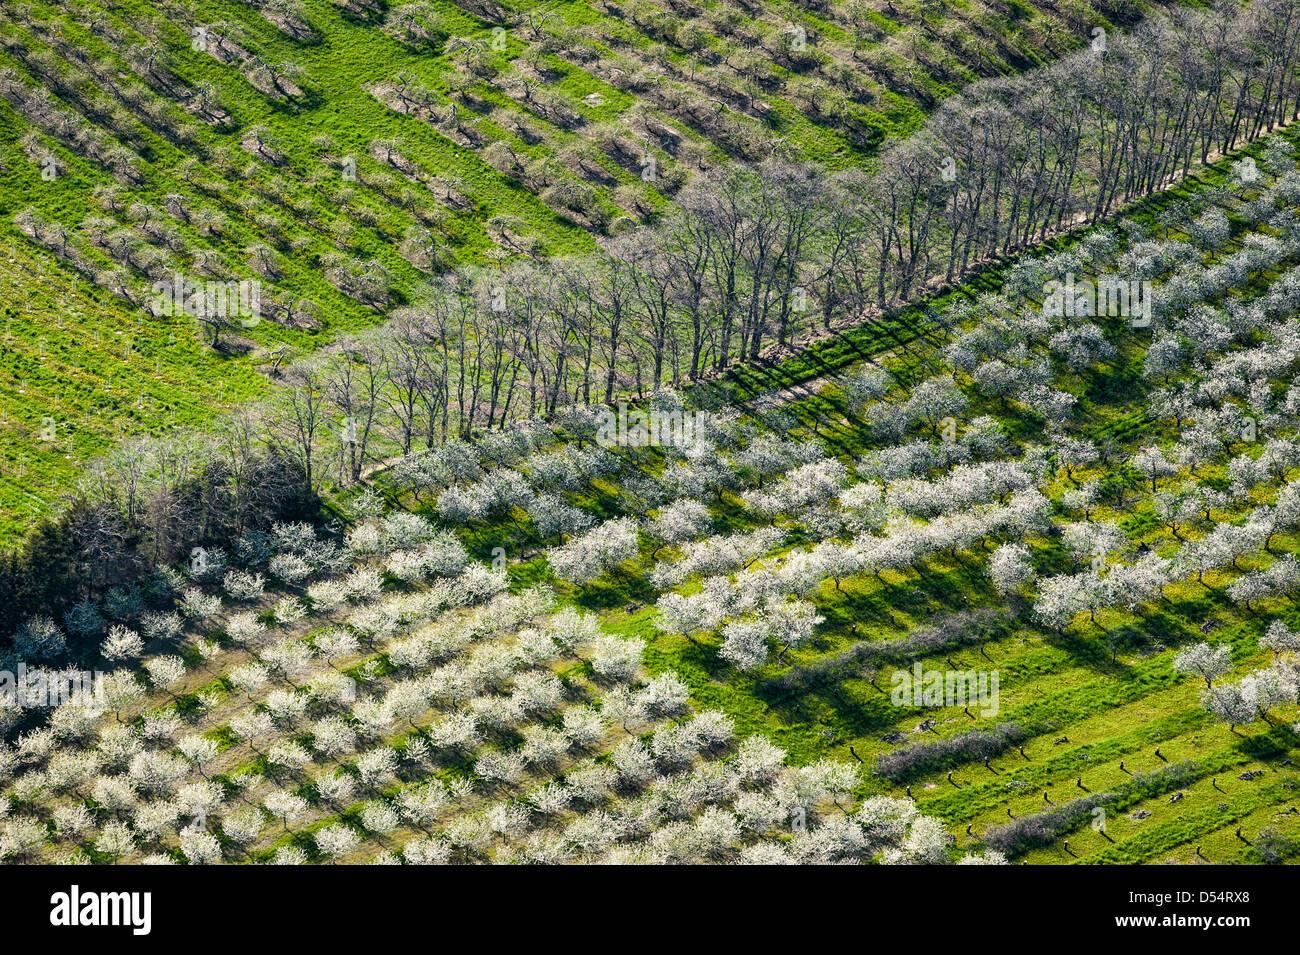 Vista aérea de Cherry Orchard Spring florece en el condado de Mason, Michigan, Estados Unidos. Fotografía por Jeffrey Wickett NorthLight, fotografía. Foto de stock